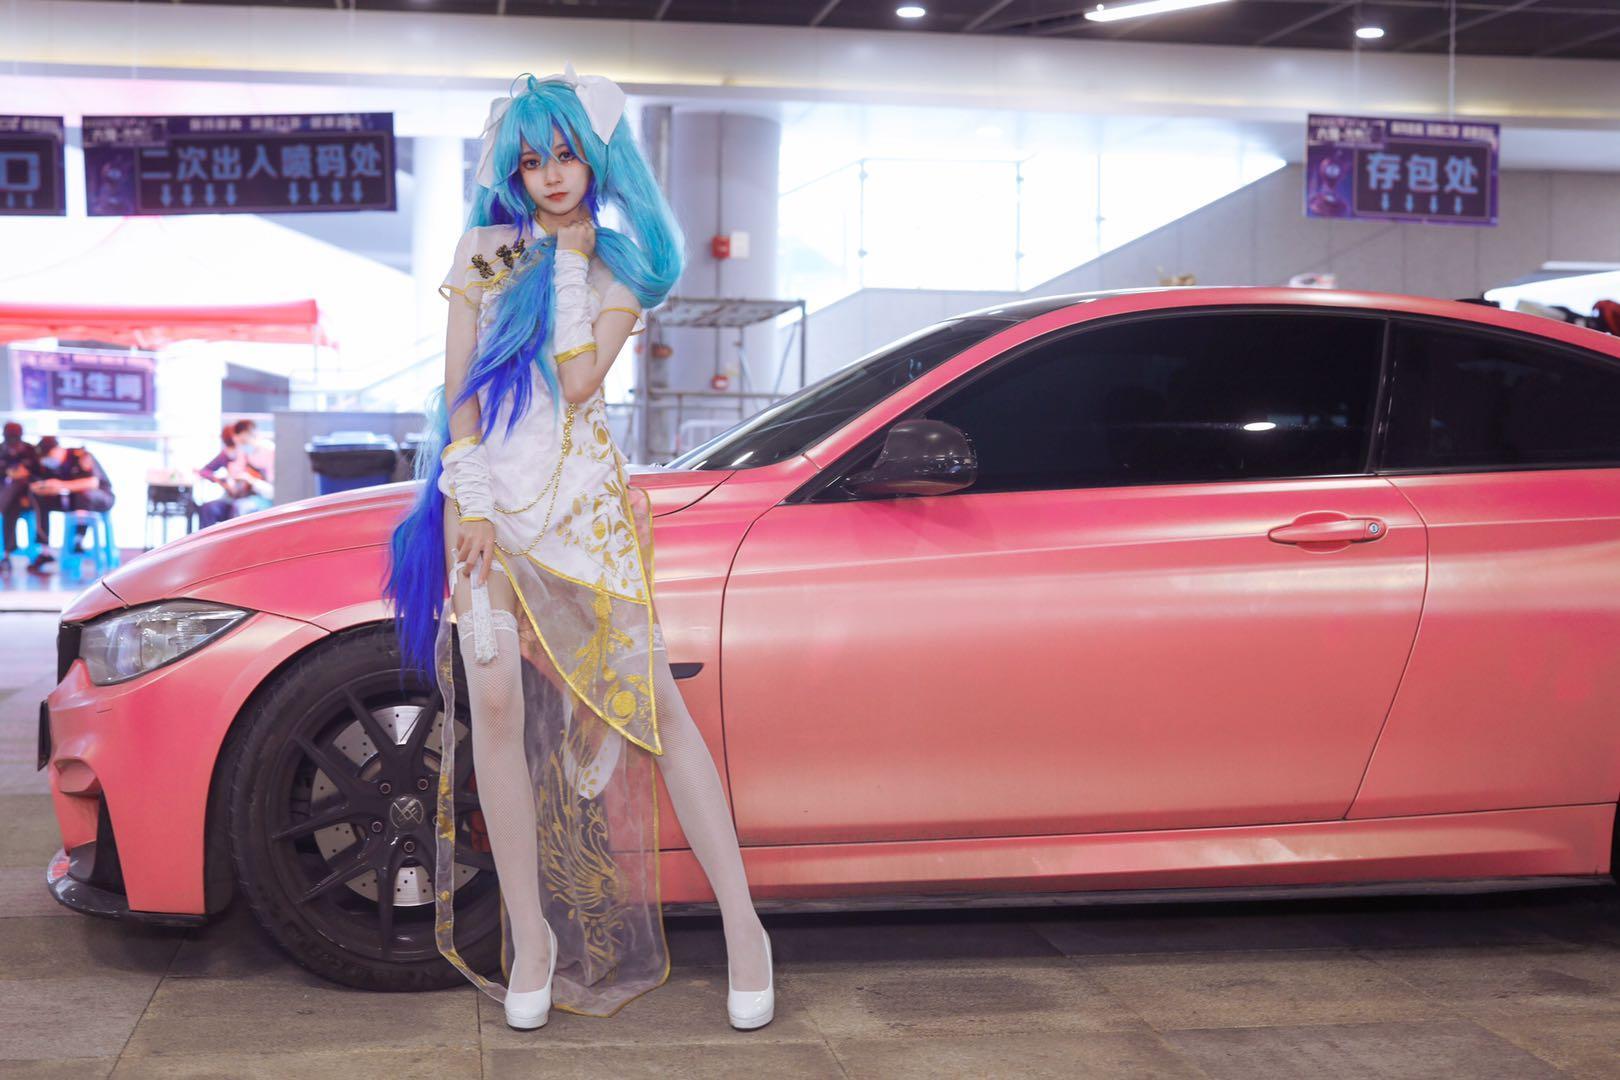 漫展cosplay【CN:小千假装很温柔m】-第9张